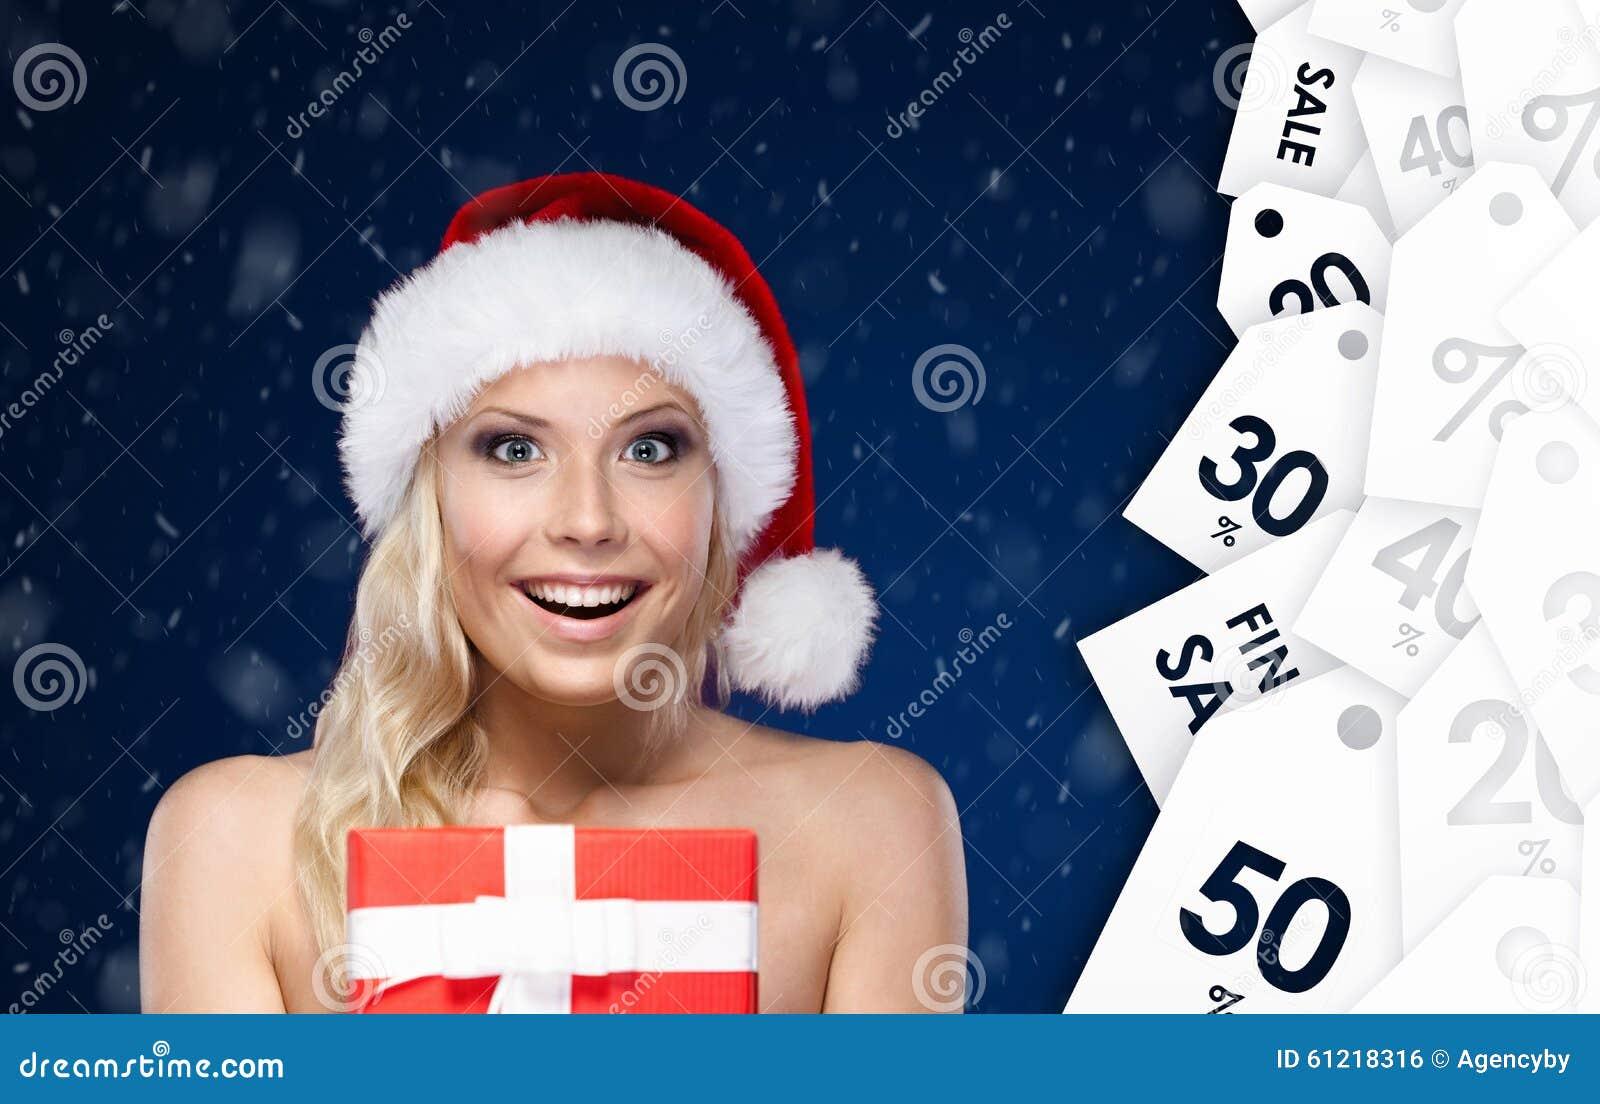 La jolie femme dans le chapeau de Noël remet le présent enveloppé avec le papier rouge